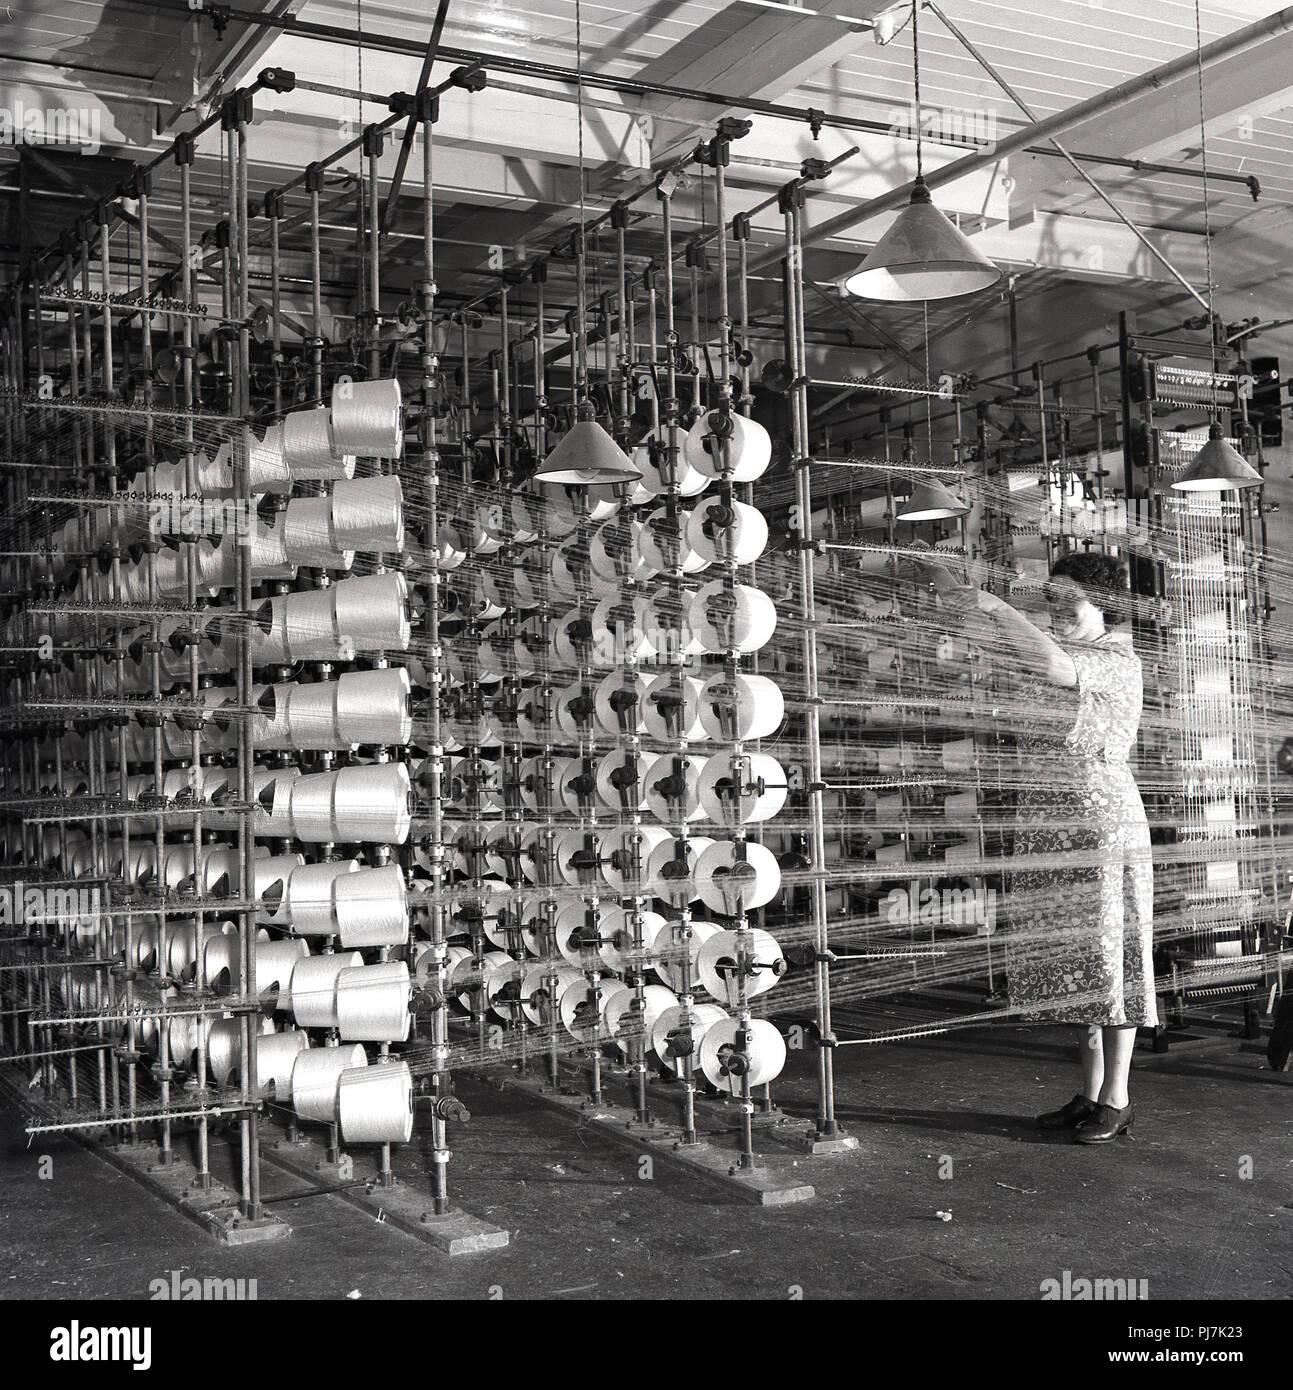 Années 1950, historique, fabrication de textile, une femelle adulte travailleur dans l'aire de contrôle de l'axes ou bobines de fil à l'intérieur d'une usine de textile, l'Irlande du Nord, Royaume-Uni. Banque D'Images